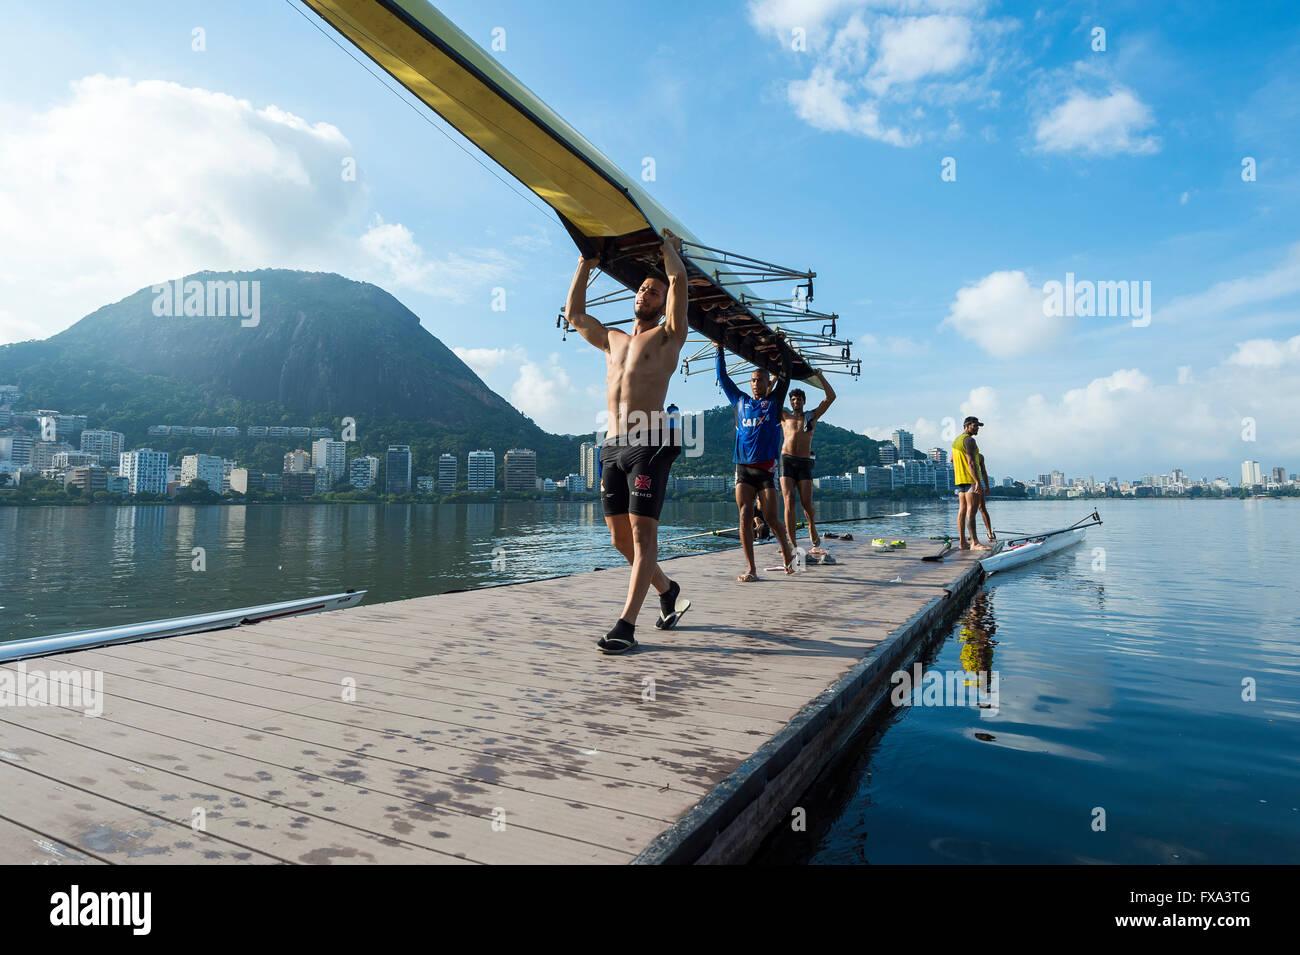 RIO DE JANEIRO - 1. April 2016: Mitglieder der Vasco da Gama rowing Club tragen ihr Boot zurück zum Clubhaus Stockbild